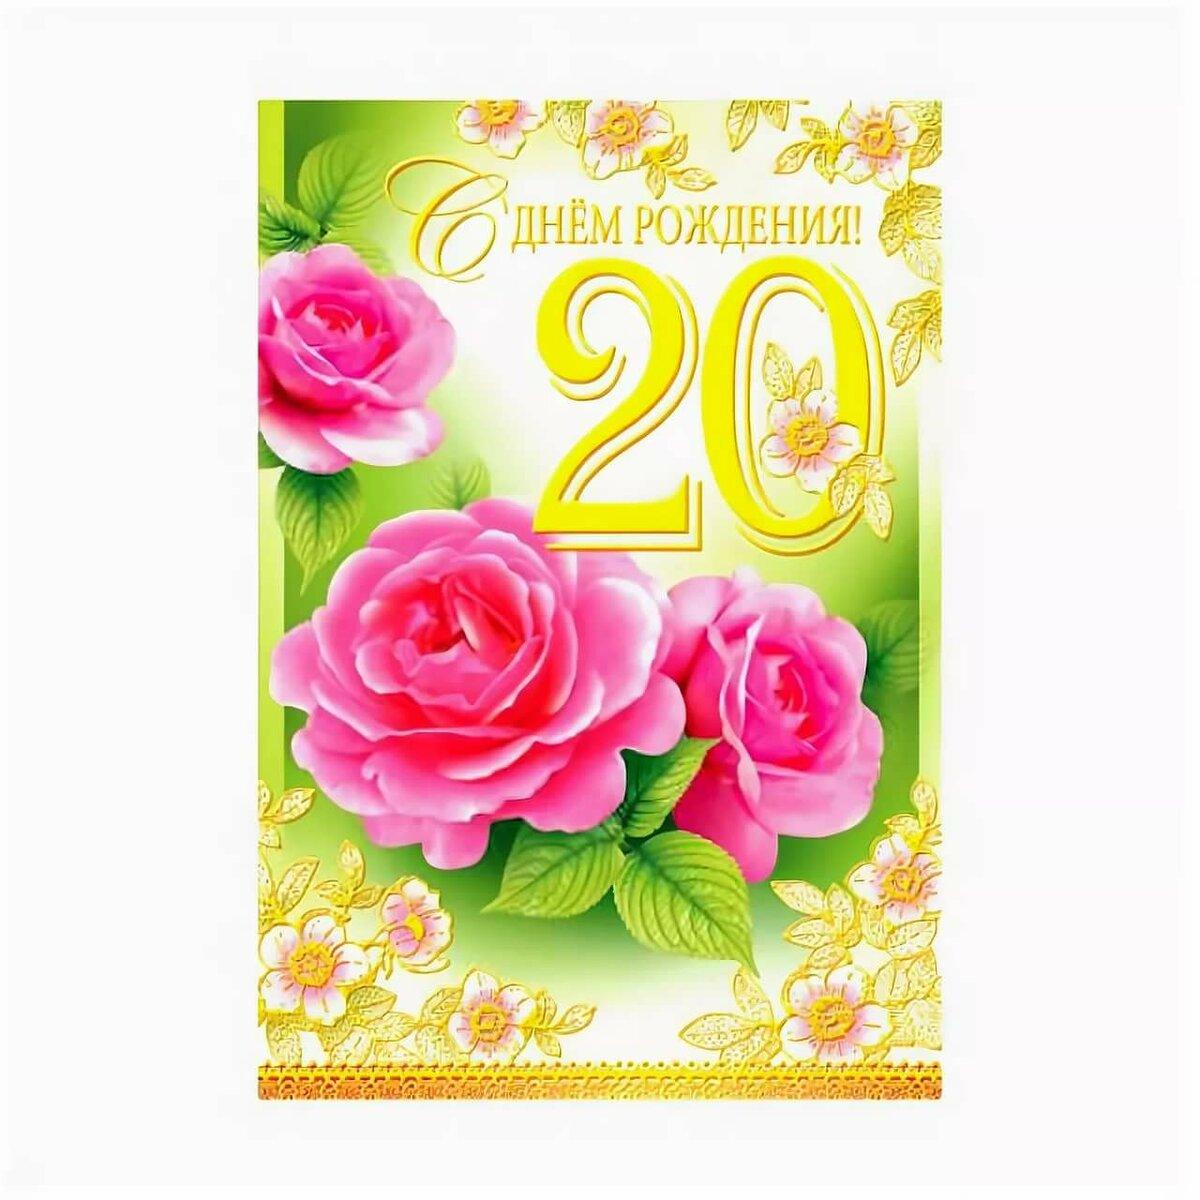 Открытки с днем рождения к 20